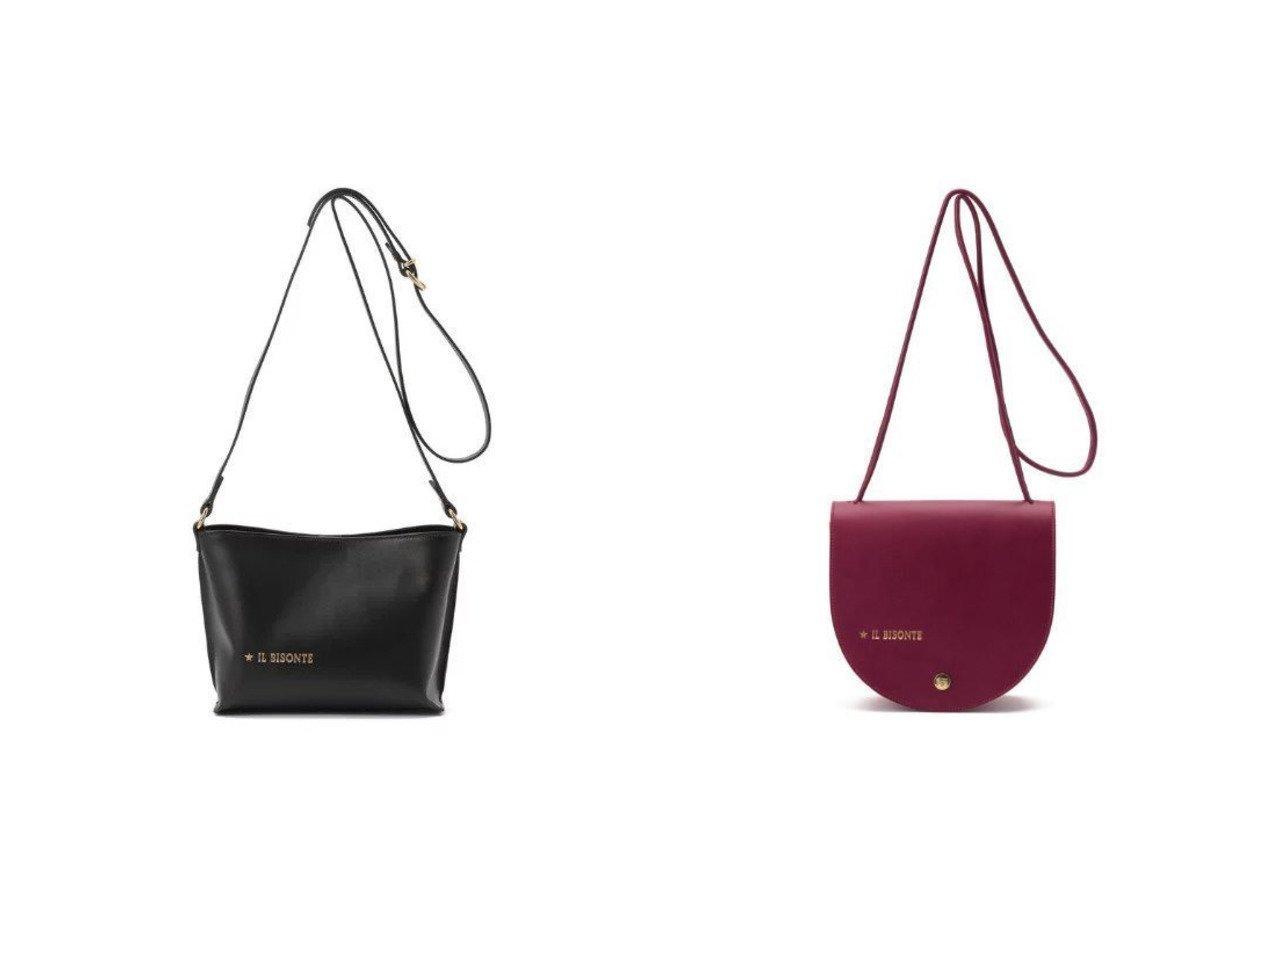 【IL BISONTE/イル ビゾンテ】のクロスボディバッグ&クロスボディバッグ 【バッグ・鞄】おすすめ!人気、トレンド・レディースファッションの通販 おすすめで人気の流行・トレンド、ファッションの通販商品 インテリア・家具・メンズファッション・キッズファッション・レディースファッション・服の通販 founy(ファニー) https://founy.com/ ファッション Fashion レディースファッション WOMEN バッグ Bag ショルダー シンプル スマート モダン ワンポイント  ID:crp329100000070721